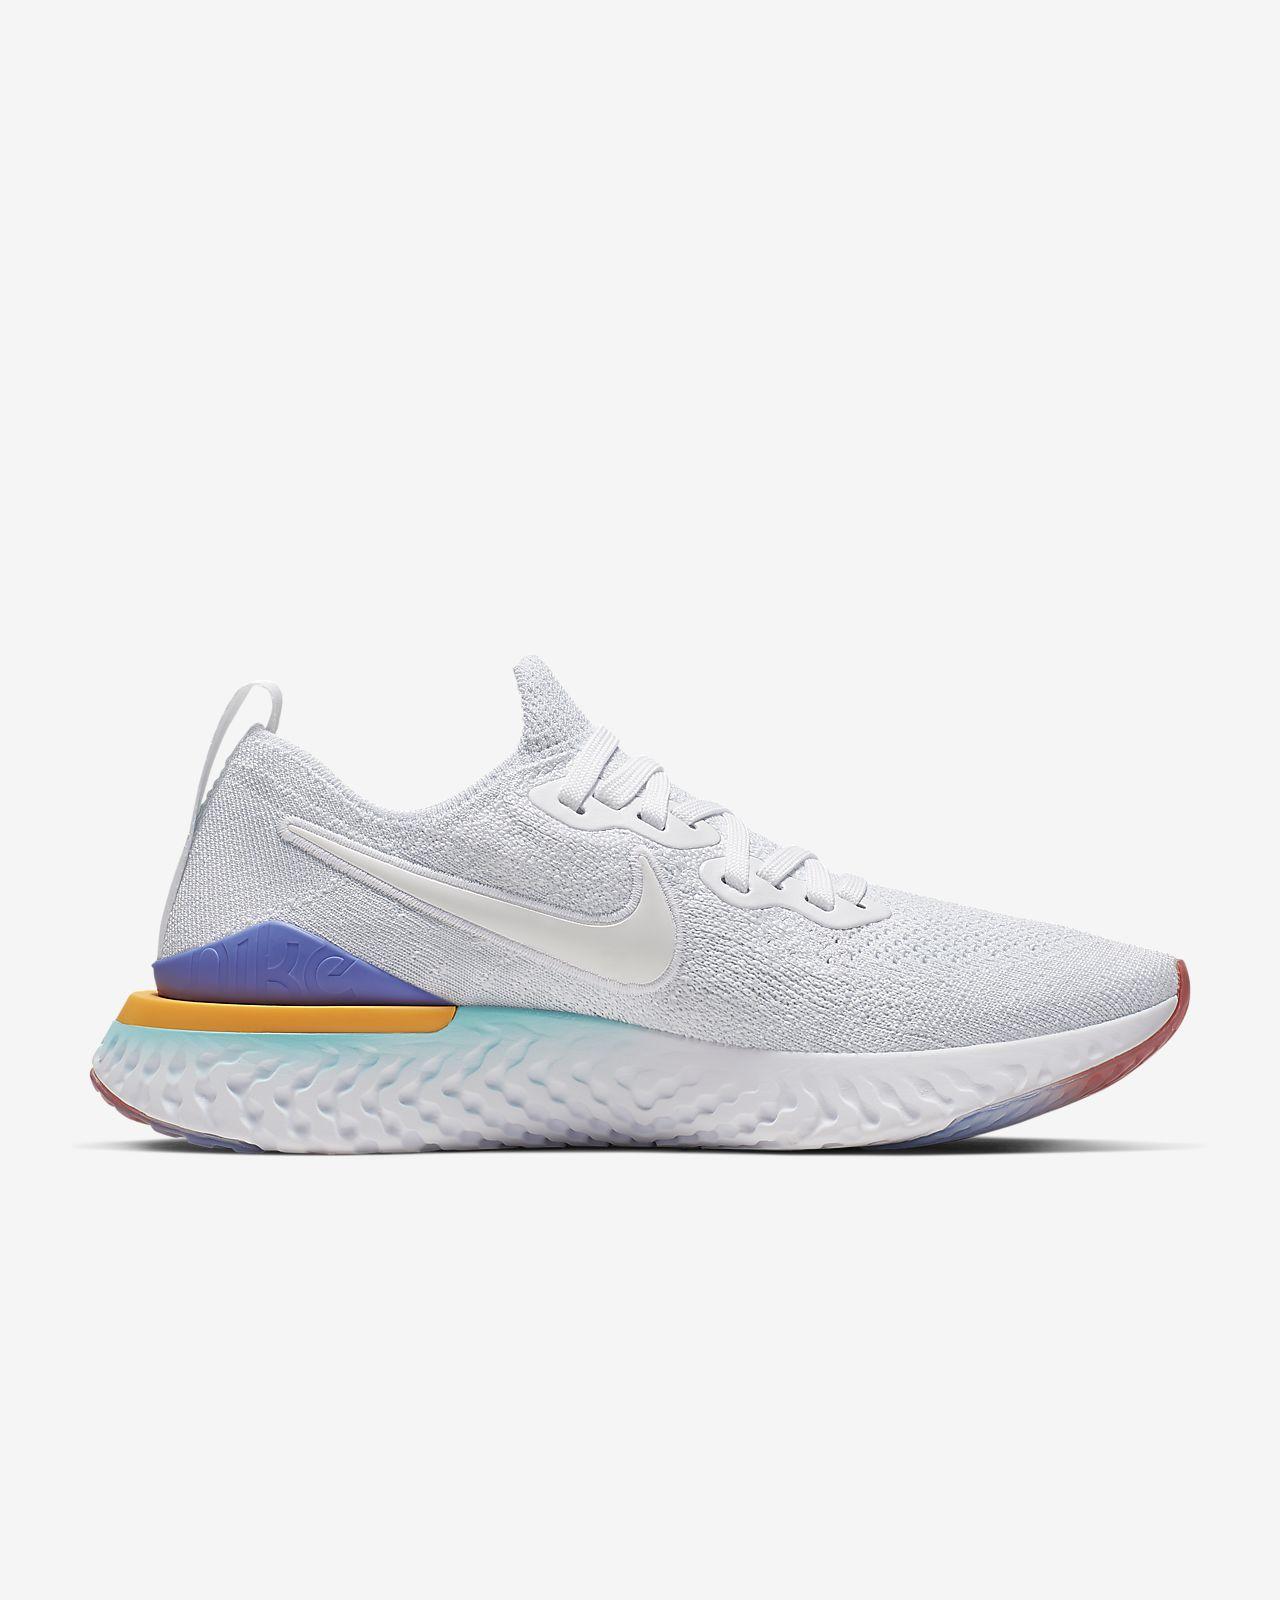 ed8e05f2a0bad Nike Epic React Flyknit 2 Women s Running Shoe. Nike.com GB